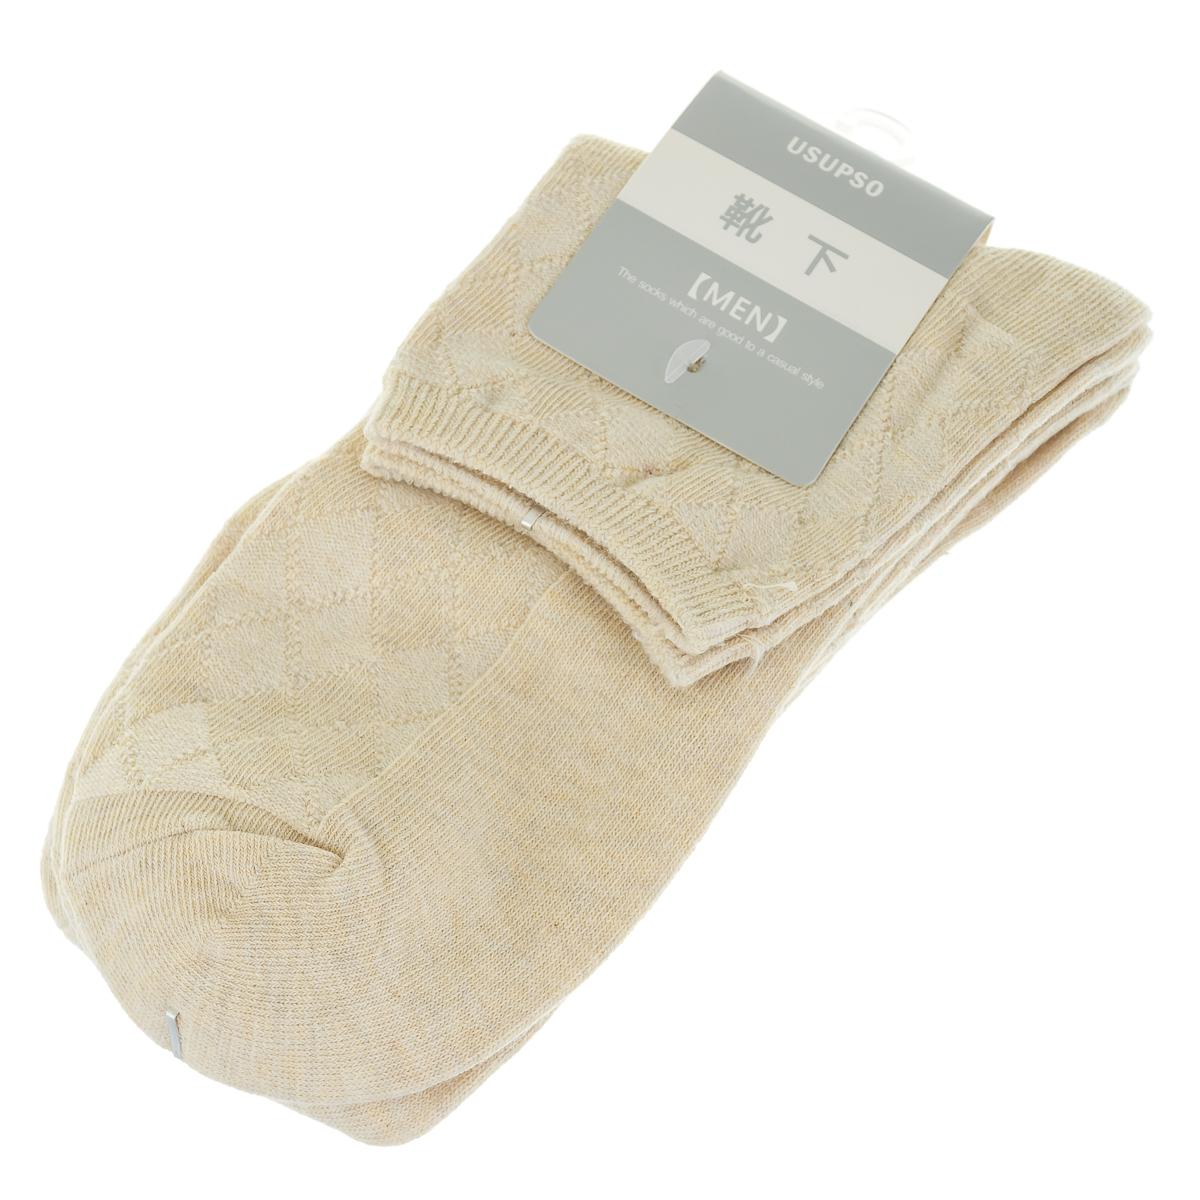 чоловічі шкарпетки, слідки, комплект-2 пари арт.4707120501013